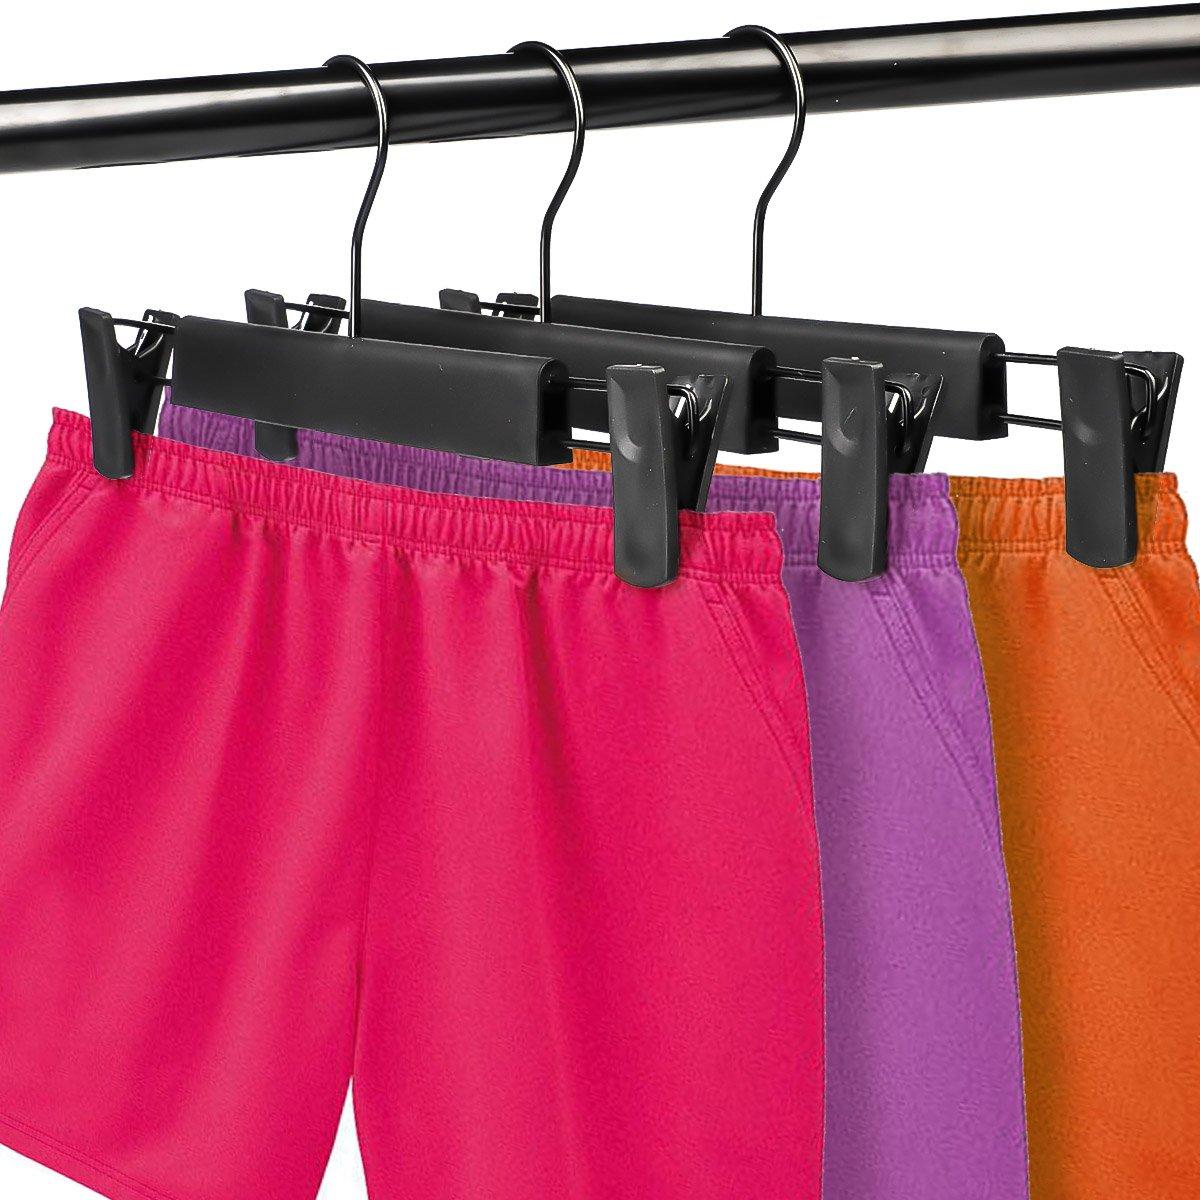 Amazon.com: Perchas para ropa de plástico negro, perchas ...